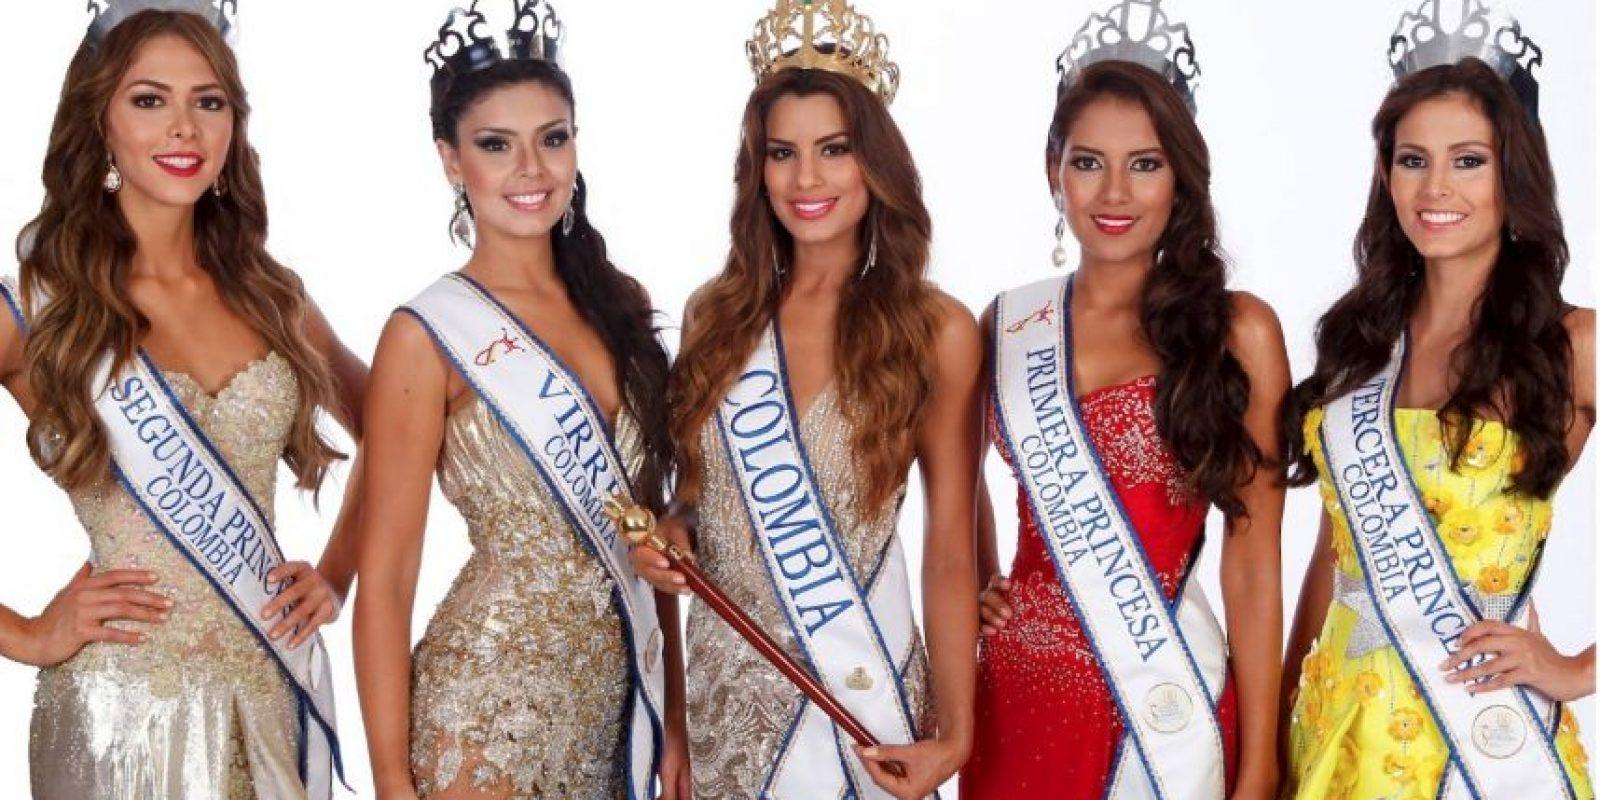 Ayer los tuiteros, así no supiesen de vestidos, criticaron ácidamente los vestidos de las concursantes. Foto:Concurso Nacional de la Belleza/Facebook